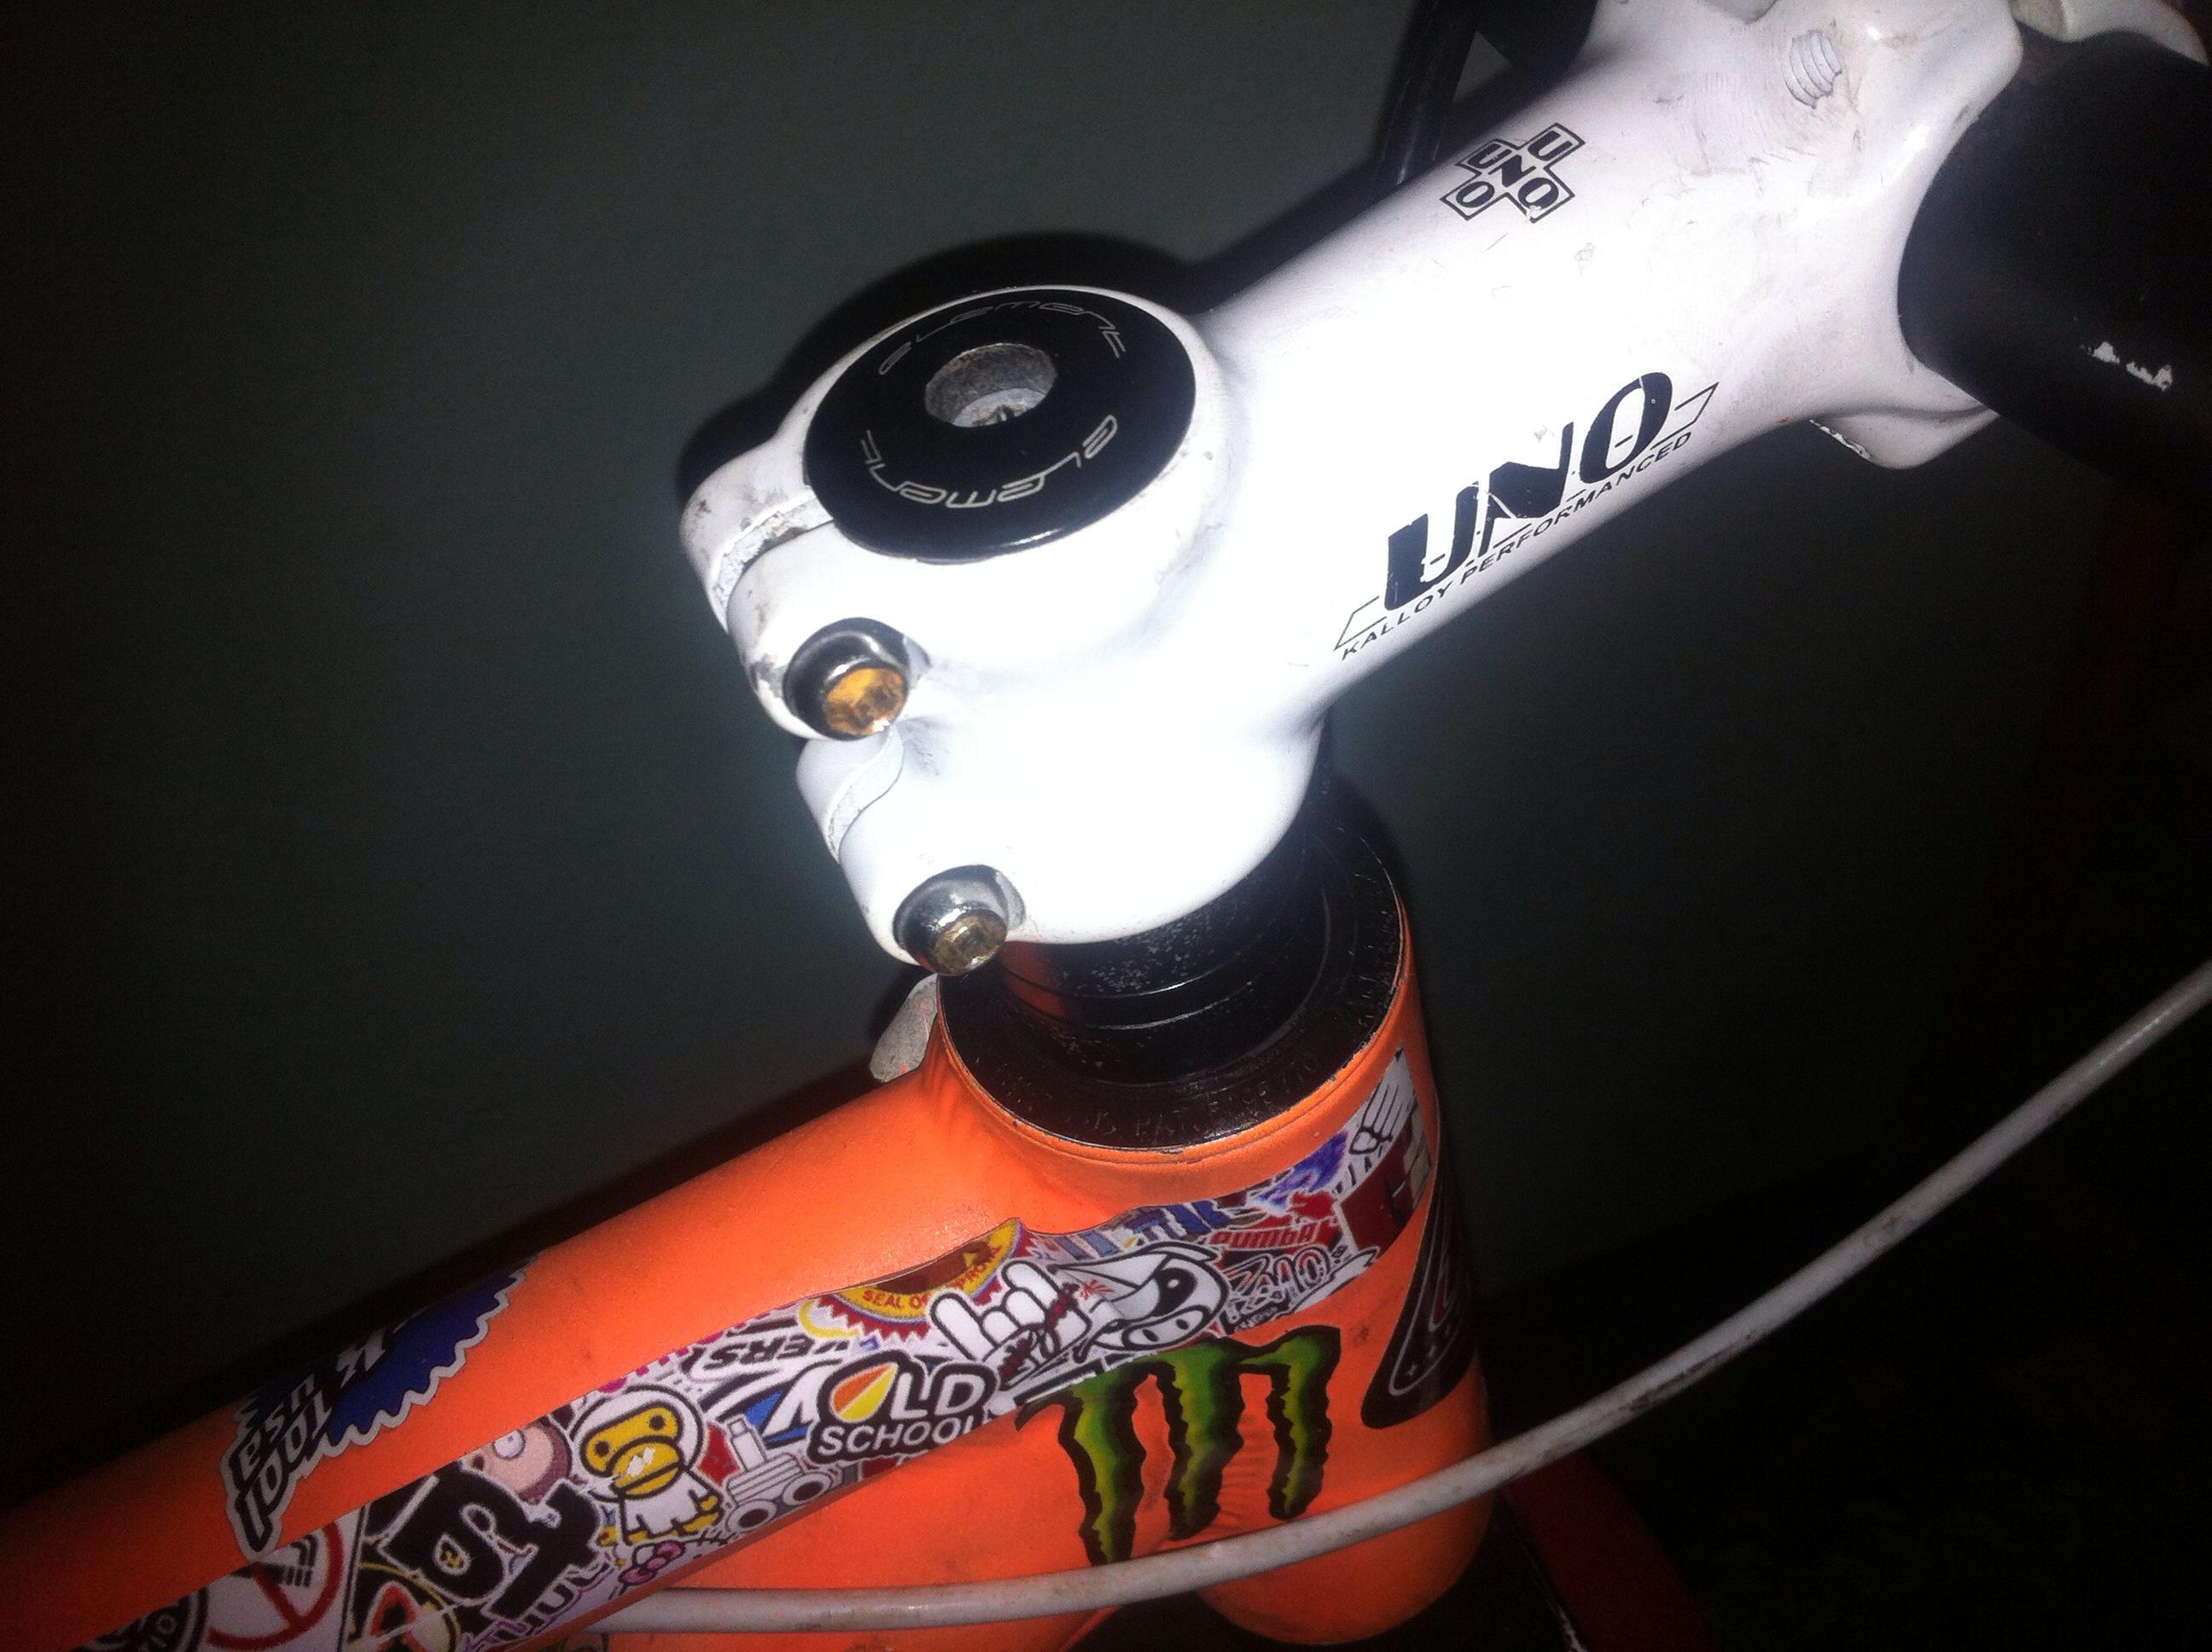 Техническое обслуживание рулевой колонки (стакана) велосипеда